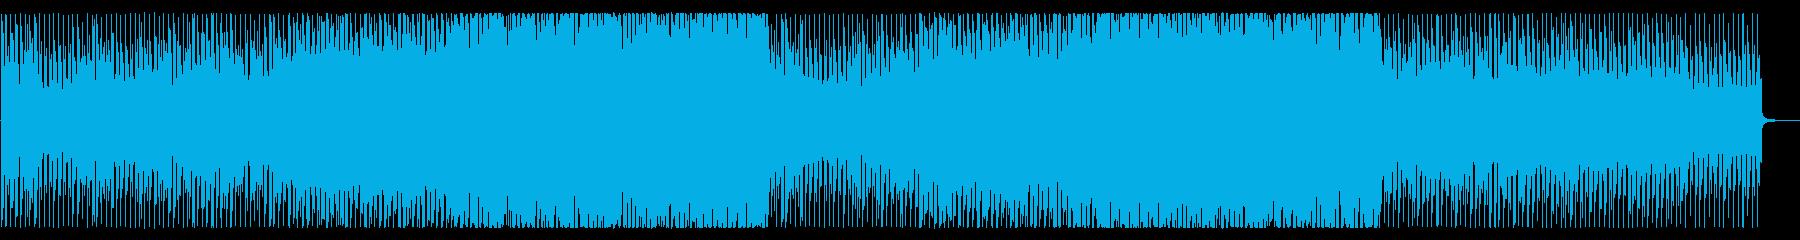 エレクトロ調のダンジョン・ボス戦風BGMの再生済みの波形